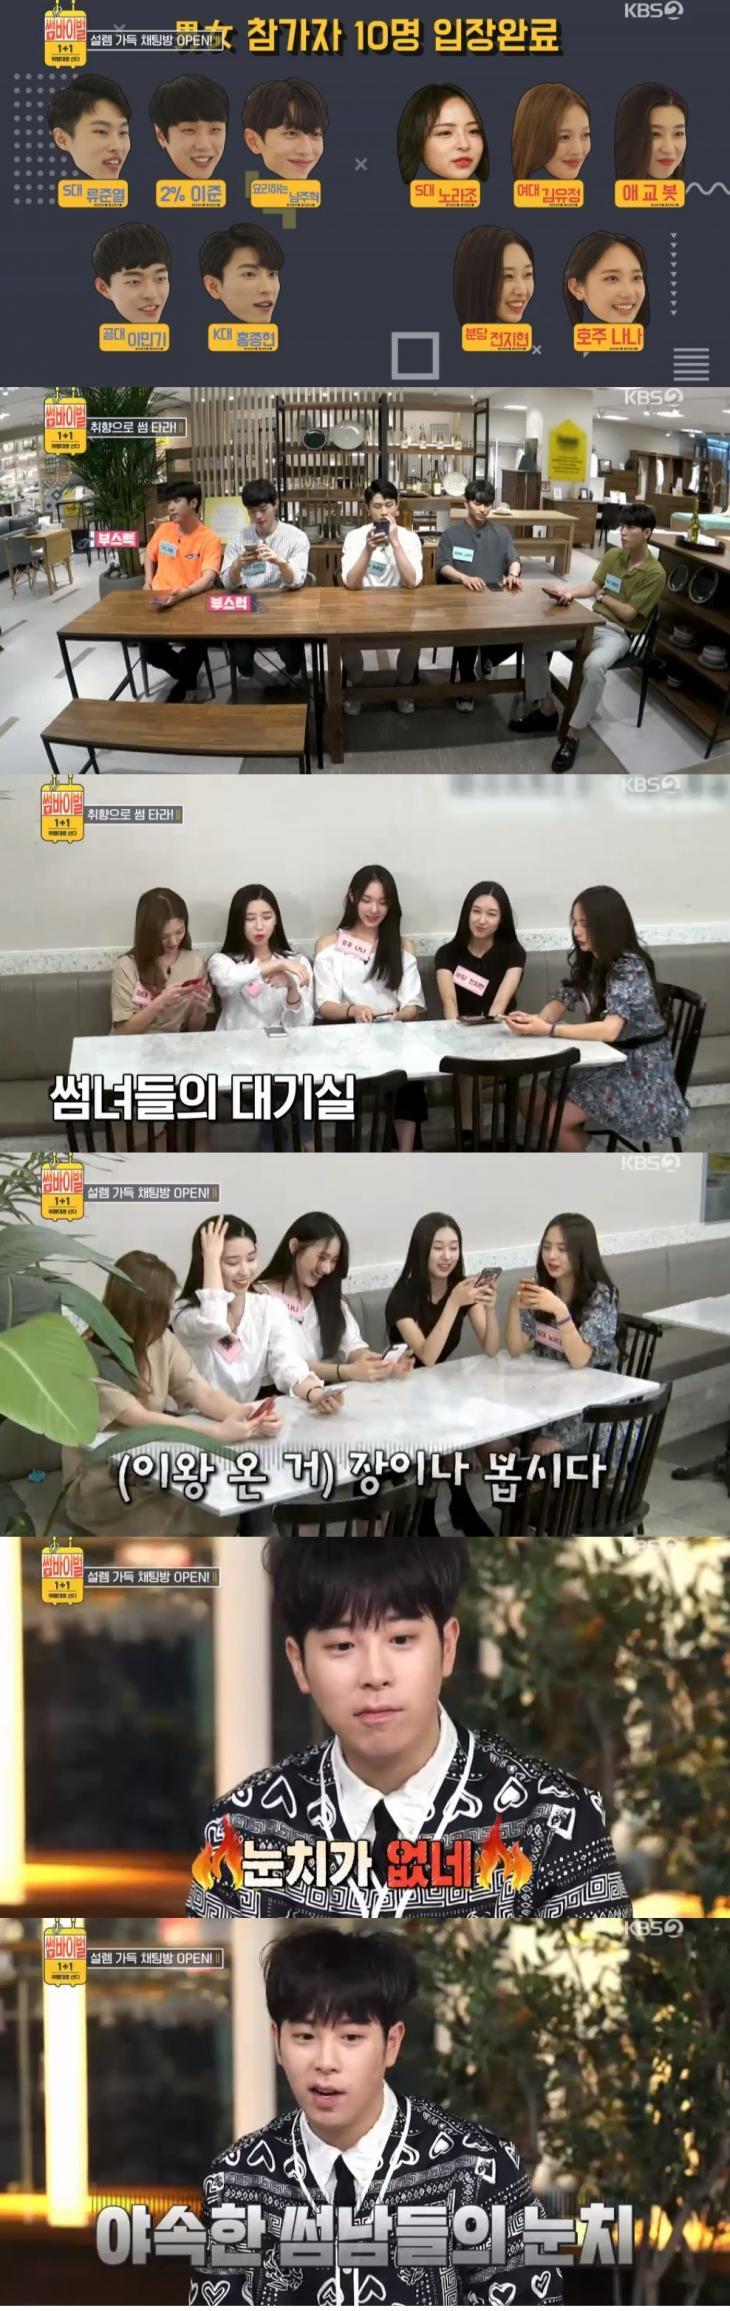 이수근 김희철 소유 피오 / KBS2 '썸바이벌 1+1' 캡처